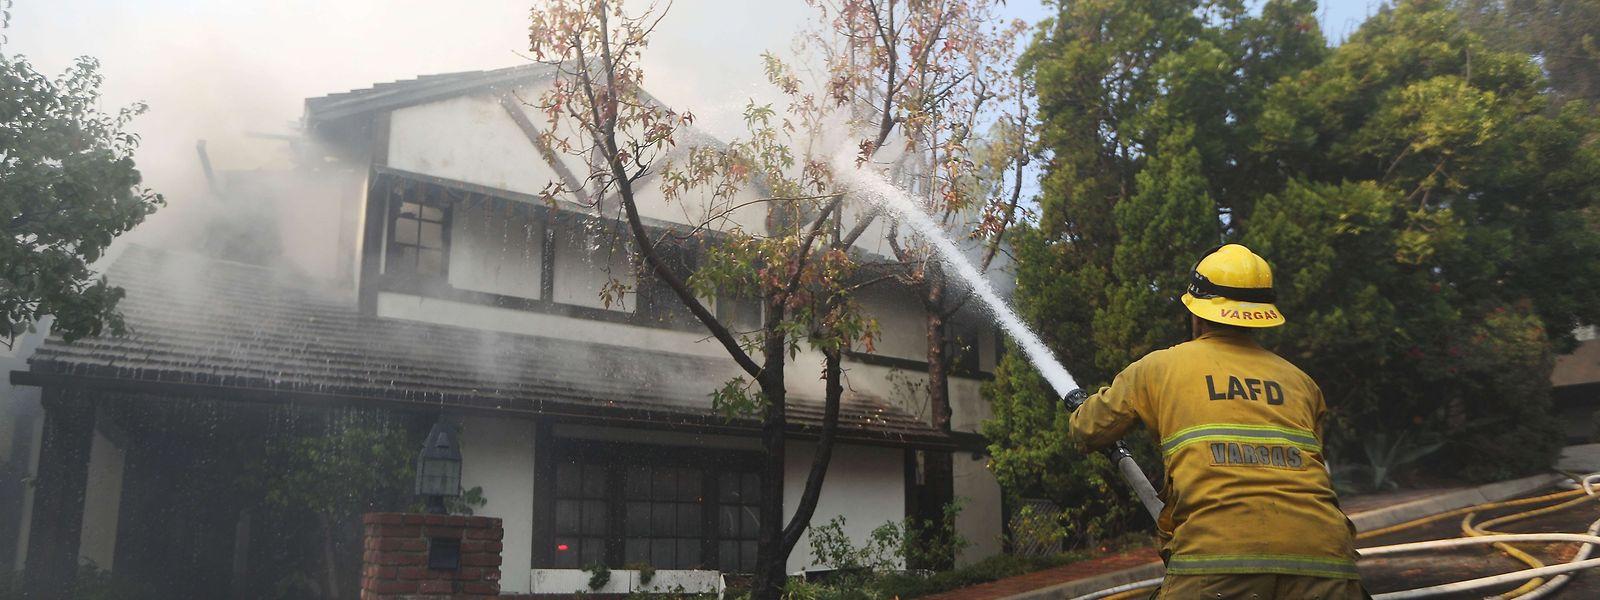 Mittlerweile ist auch das Nobelviertel Bel Air von den Waldbränden betroffen.